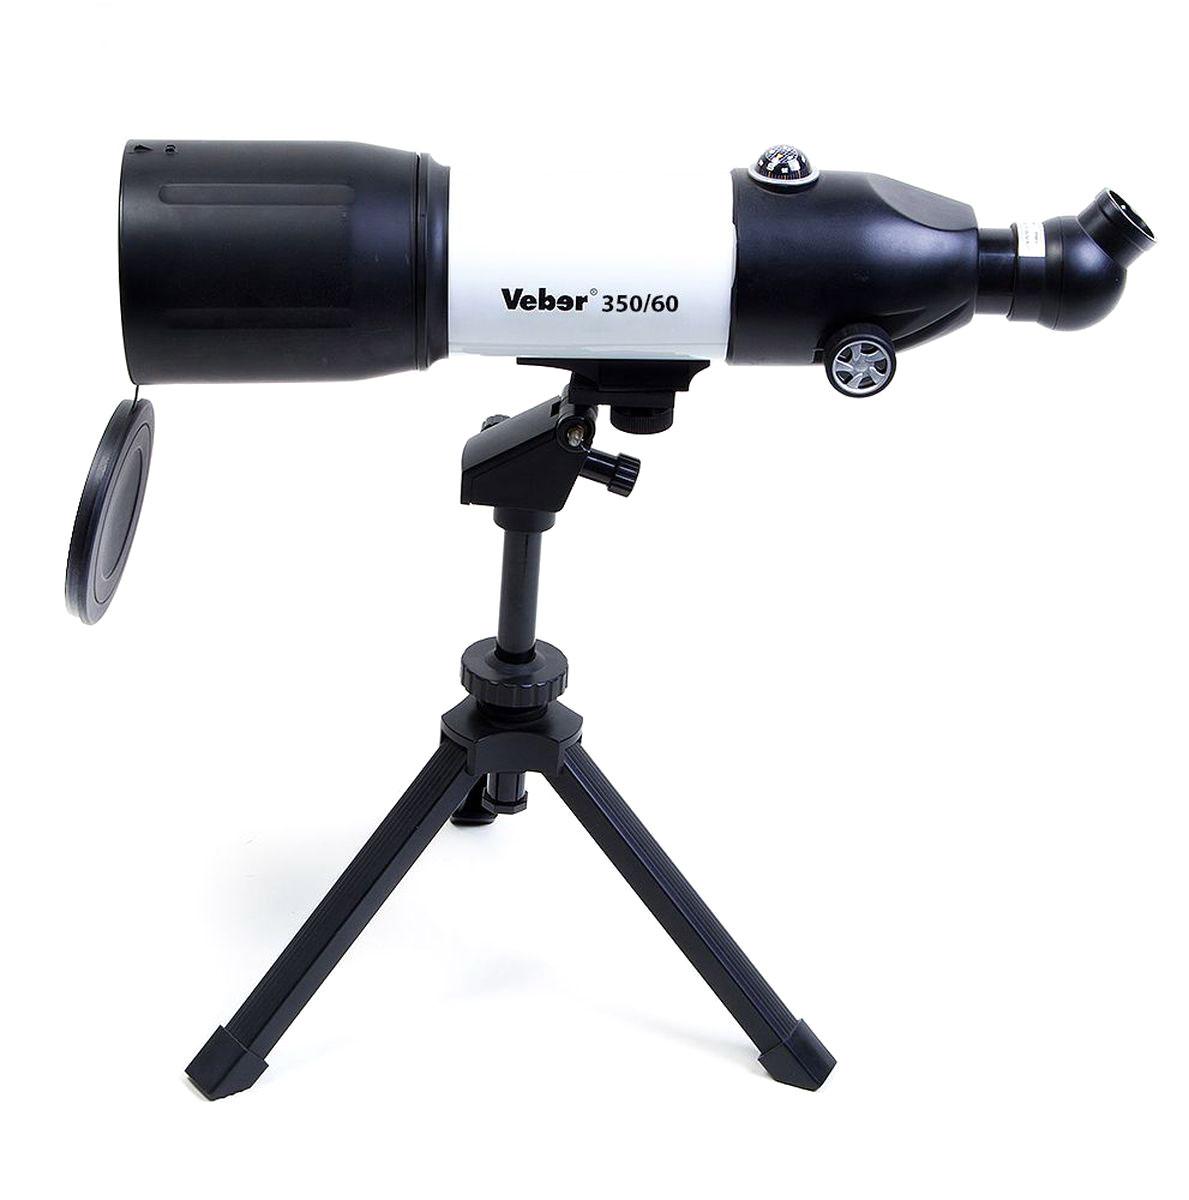 Veber 350x60 Аз телескоп21181Veber 350x60 Аз - компактный телескоп-рефрактор. Удобен как для домашних астрономических (и не только) наблюдений, так и для вылазок на природу. Его длина всего 45 см, он легкий и компактный. При этом телескоп вовсе не детская игрушка! Его ахроматическая оптика дает хорошее, четкое, резкое изображение без окрашенности по краям поля зрения. С набором окуляров, входящих в комплект, можно получить увеличение от 17,5х (ближняя точка фокусировки около 5 м) до 116,4х. Диаметр объектива — 70 мм. Об окулярной части следует сказать особо: она расположена под углом 45° к оси прибора, и может поворачиваться вокруг своей оси на 360° (8 положений). Все это делает очень комфортным наблюдение — как из положения сидя, так и из положения стоя. При этом изображение не зеркальное, где лево и право поменялись местами, а прямое! (в конструкции используется призма Шмидта с крышей). Таким образом, этот телескоп можно использовать не только по прямому назначению, но и как...